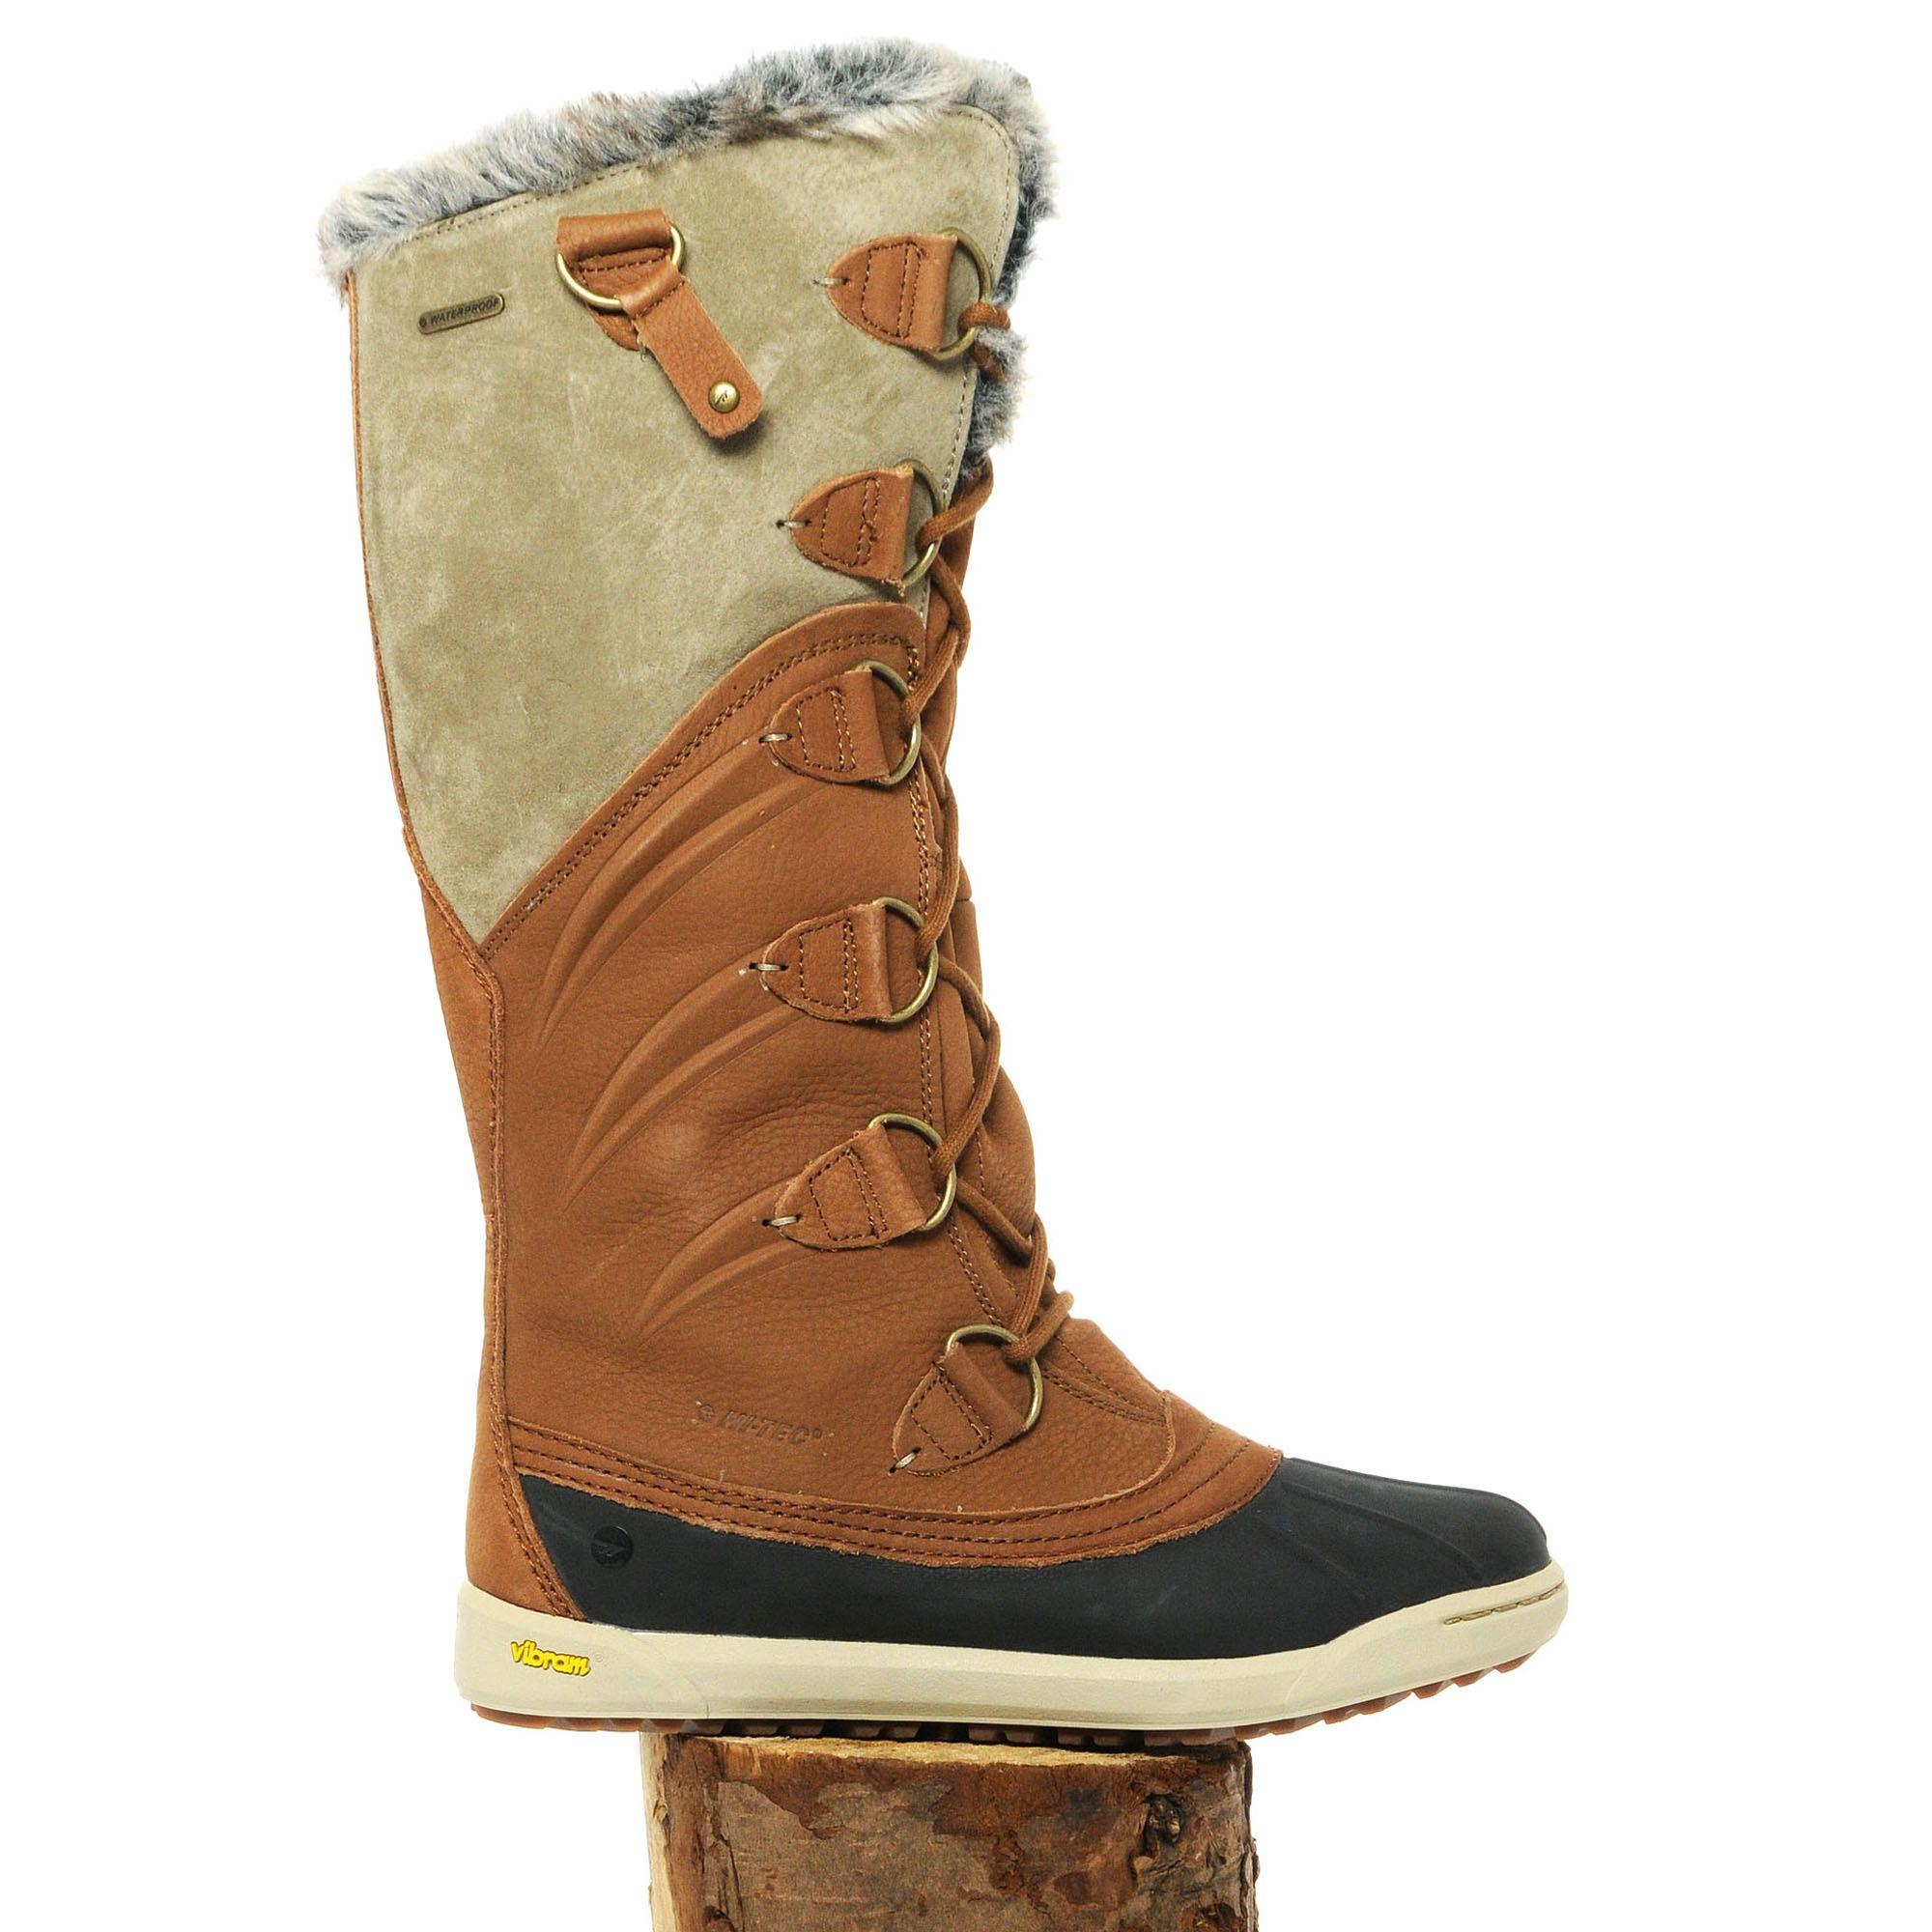 HI TEC Women's Sierra Pamir Boots